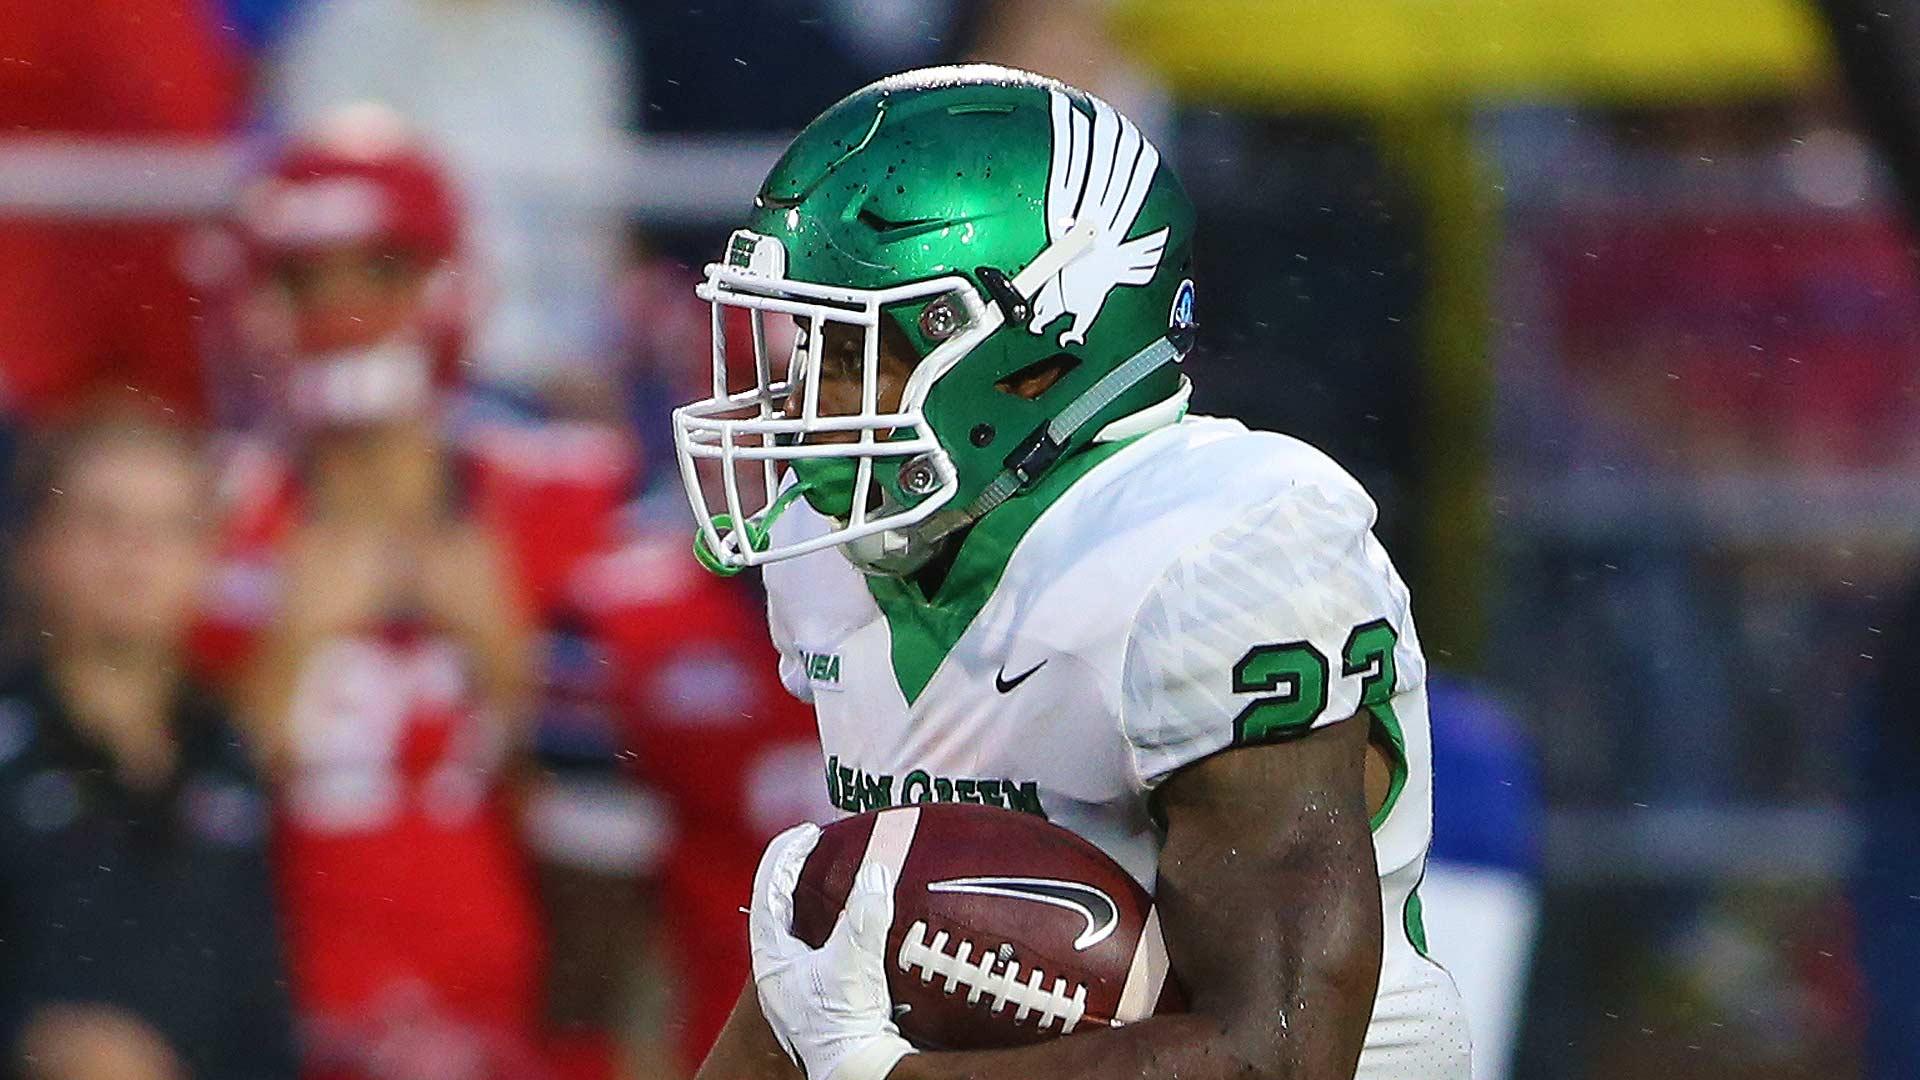 Photo: meangreensports.com